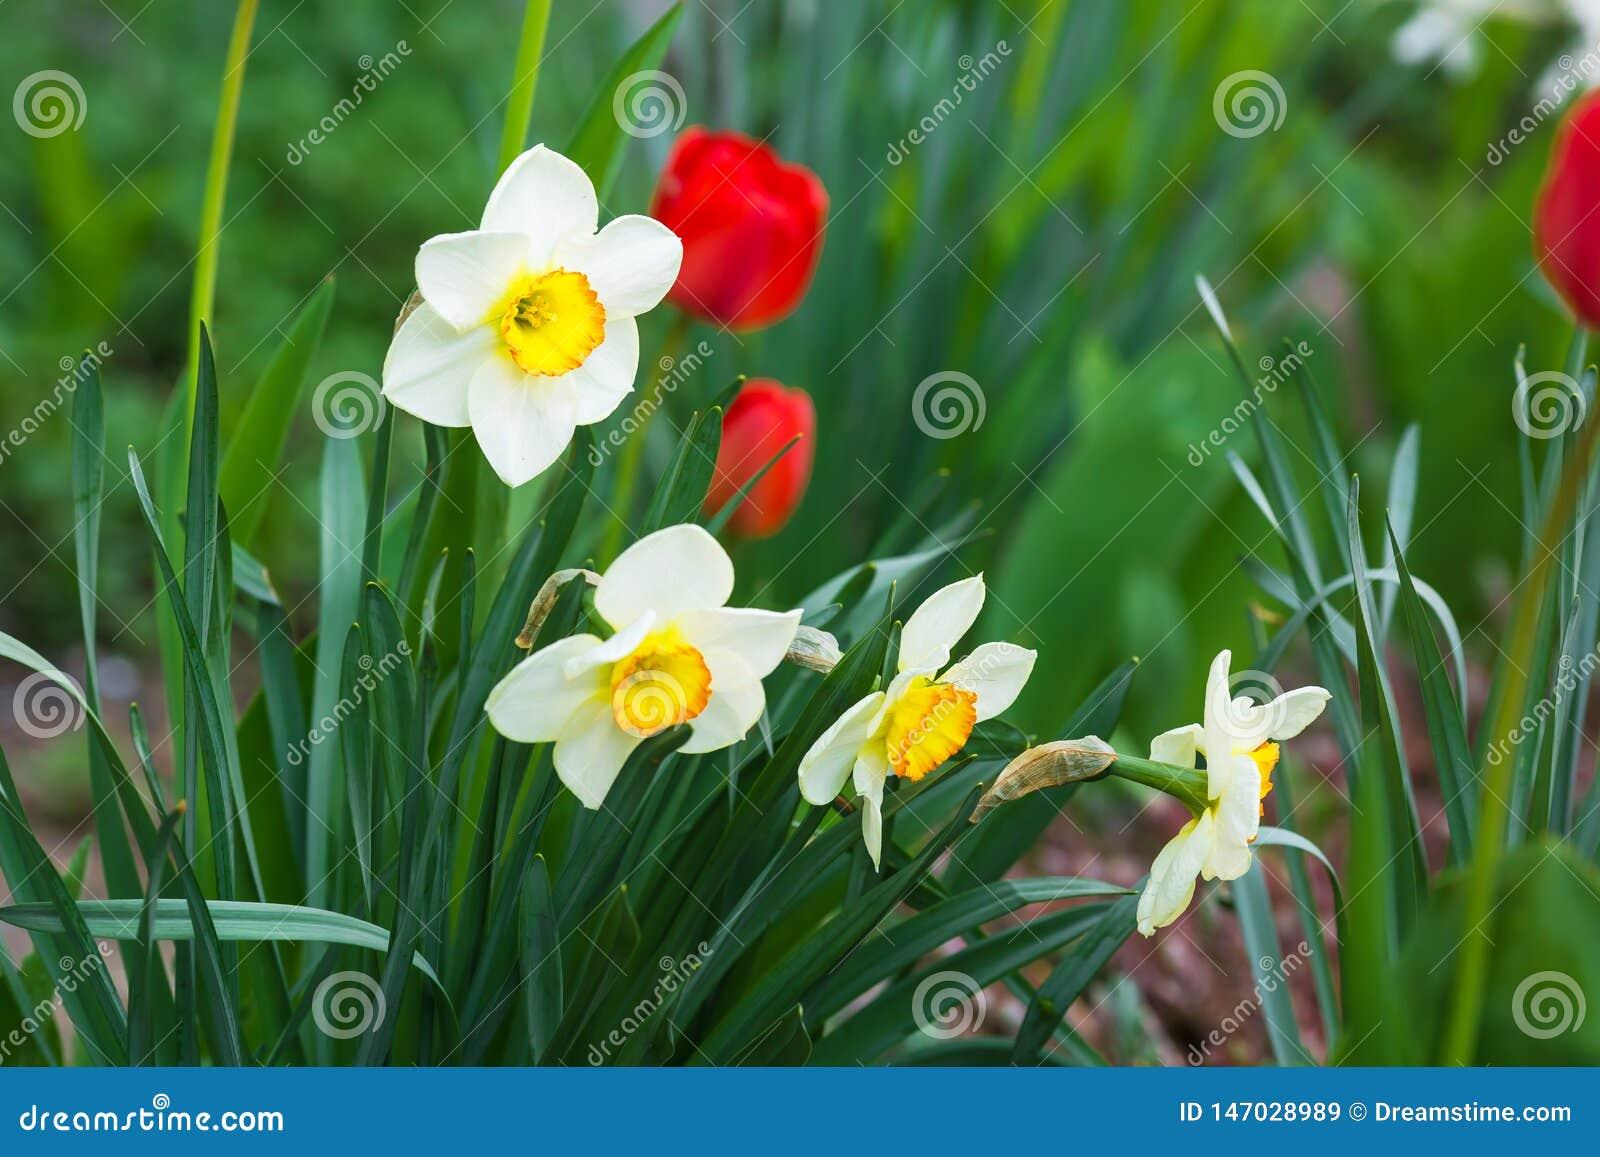 Narciso blanco con un corazón amarillo y tulipanes rojos que crecen en el jardín